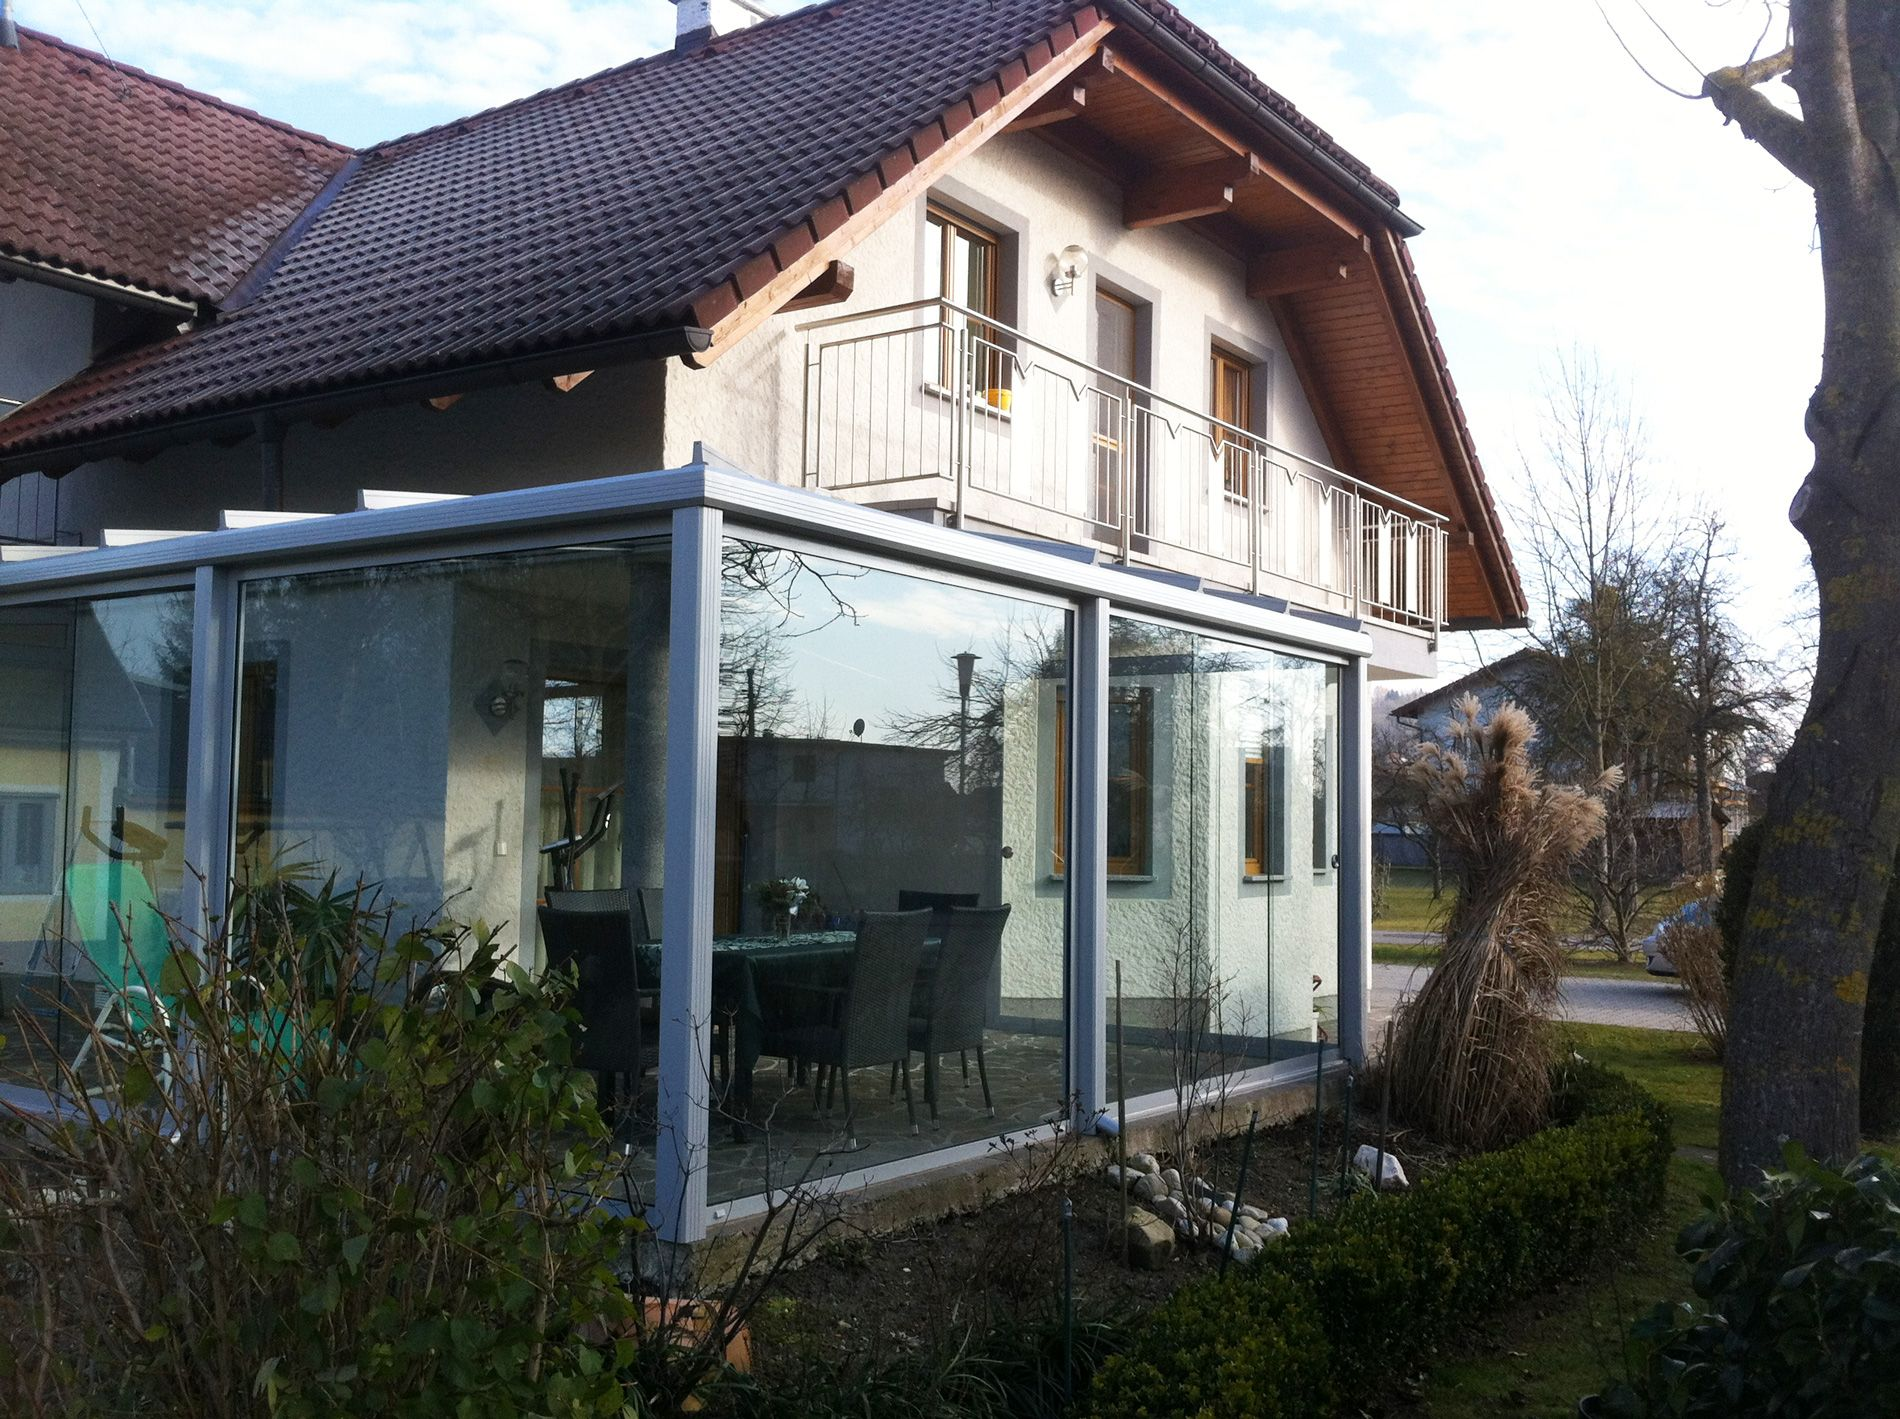 Top Wintergarten mit Balkon darüber | Verglasungen // Balkon, Terrasse PN51